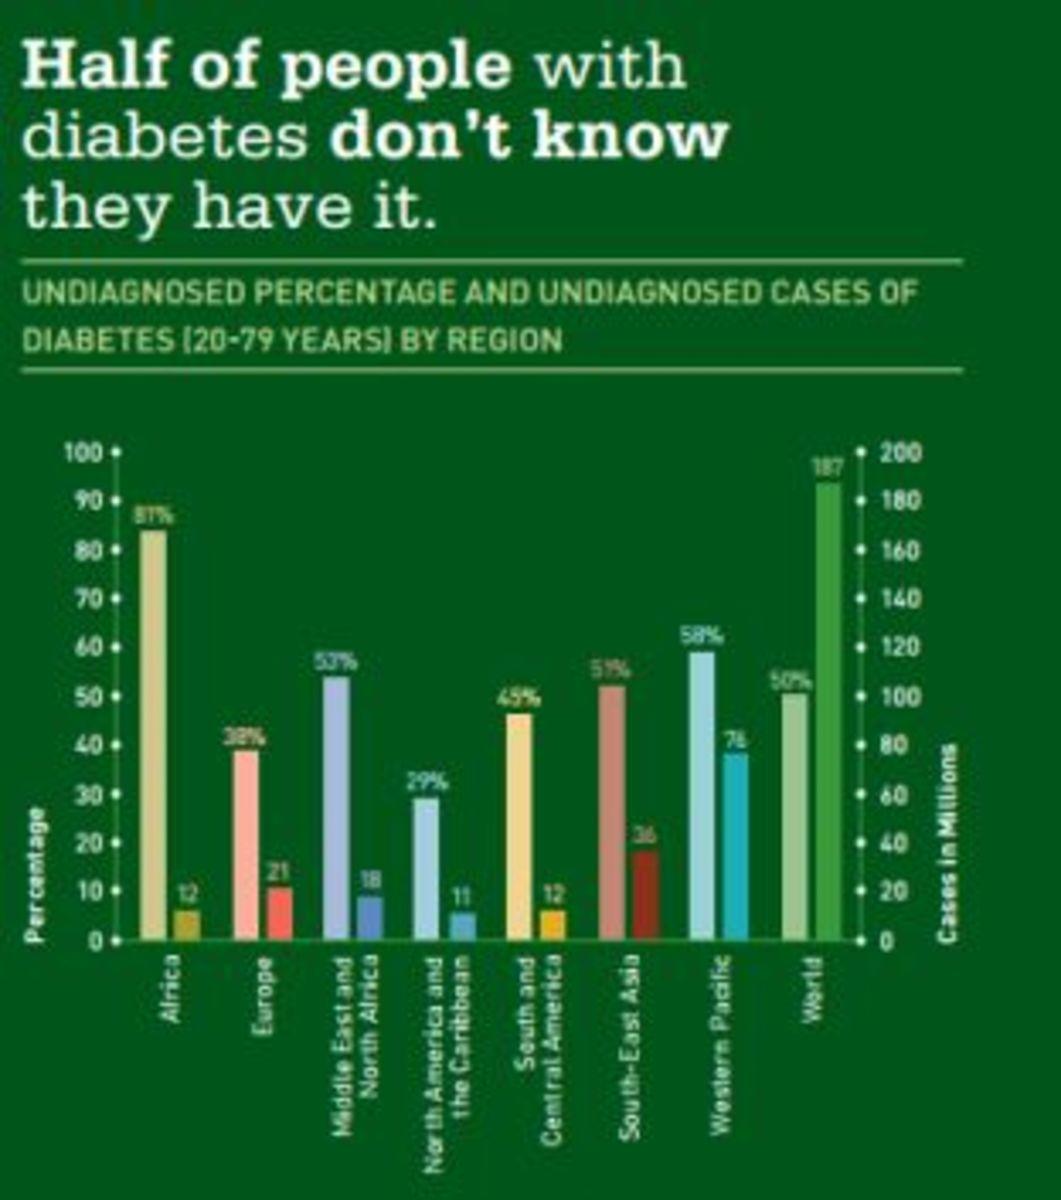 Prevalence of Diabetes by Region